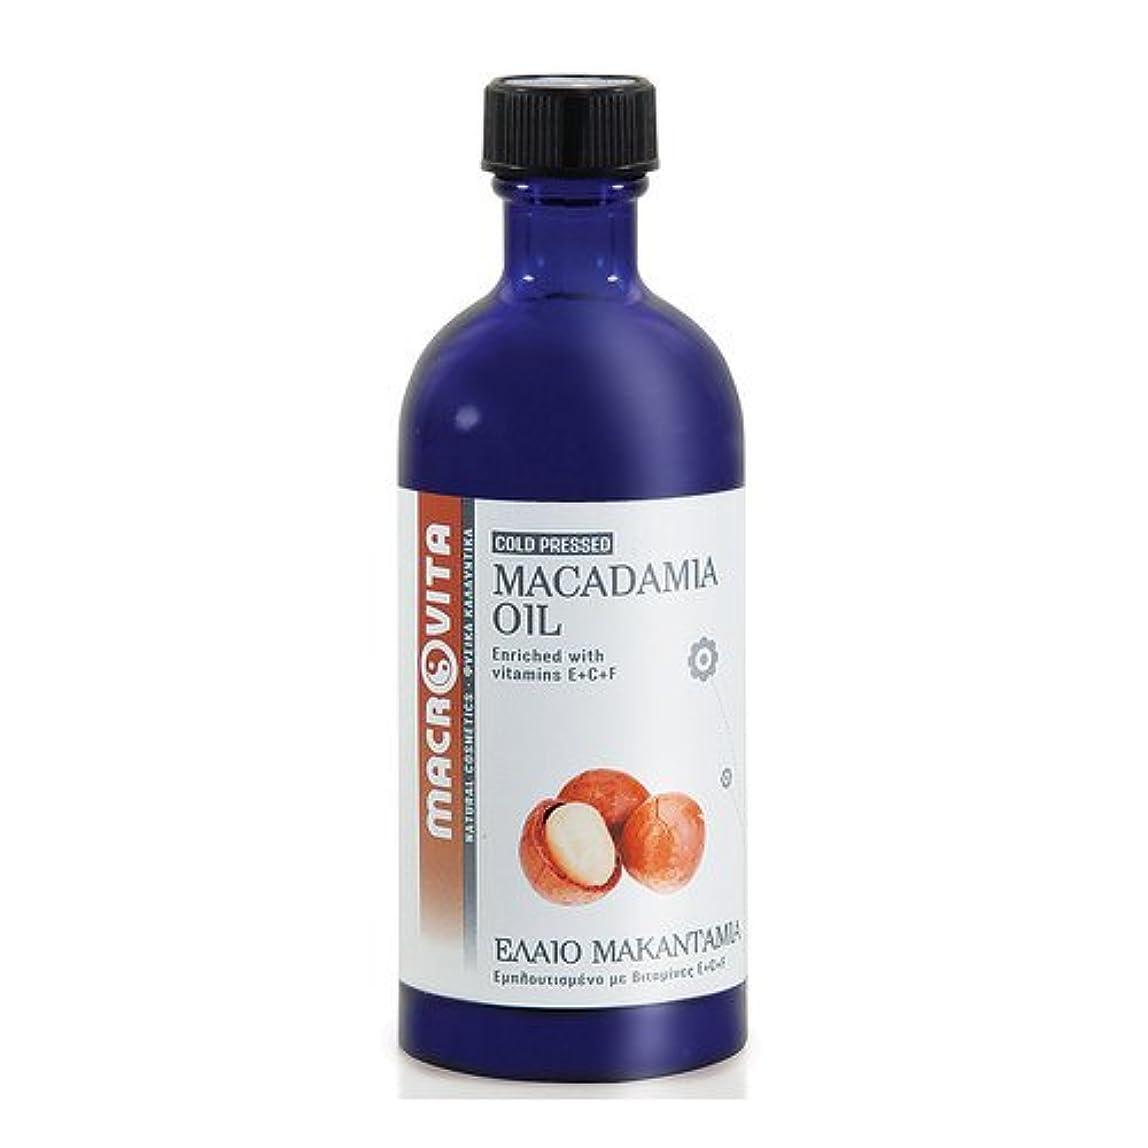 判決に対応怒ってマクロビータ マカダミアナッツオイル 100ml ギリシャ製自然派コスメオイル(天然成分100%)